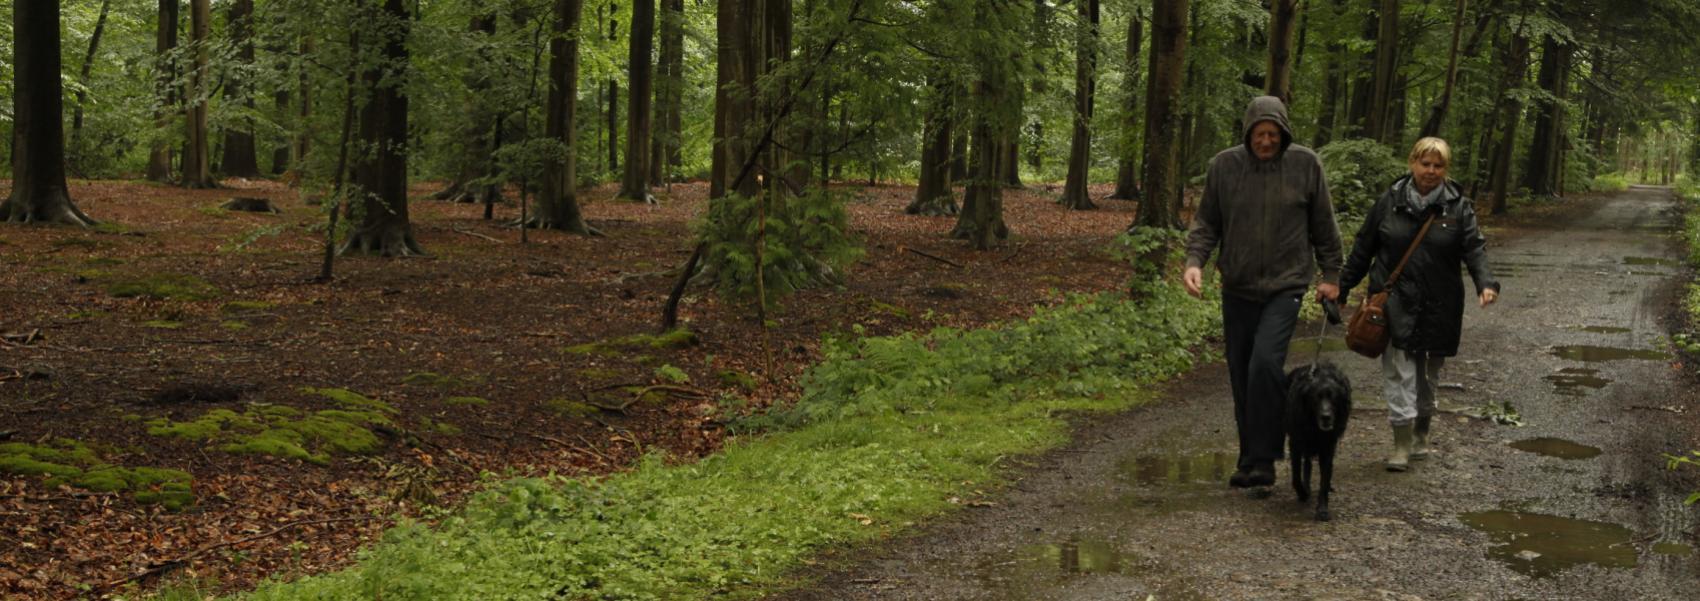 wandelaars met hond in het bos in de regen